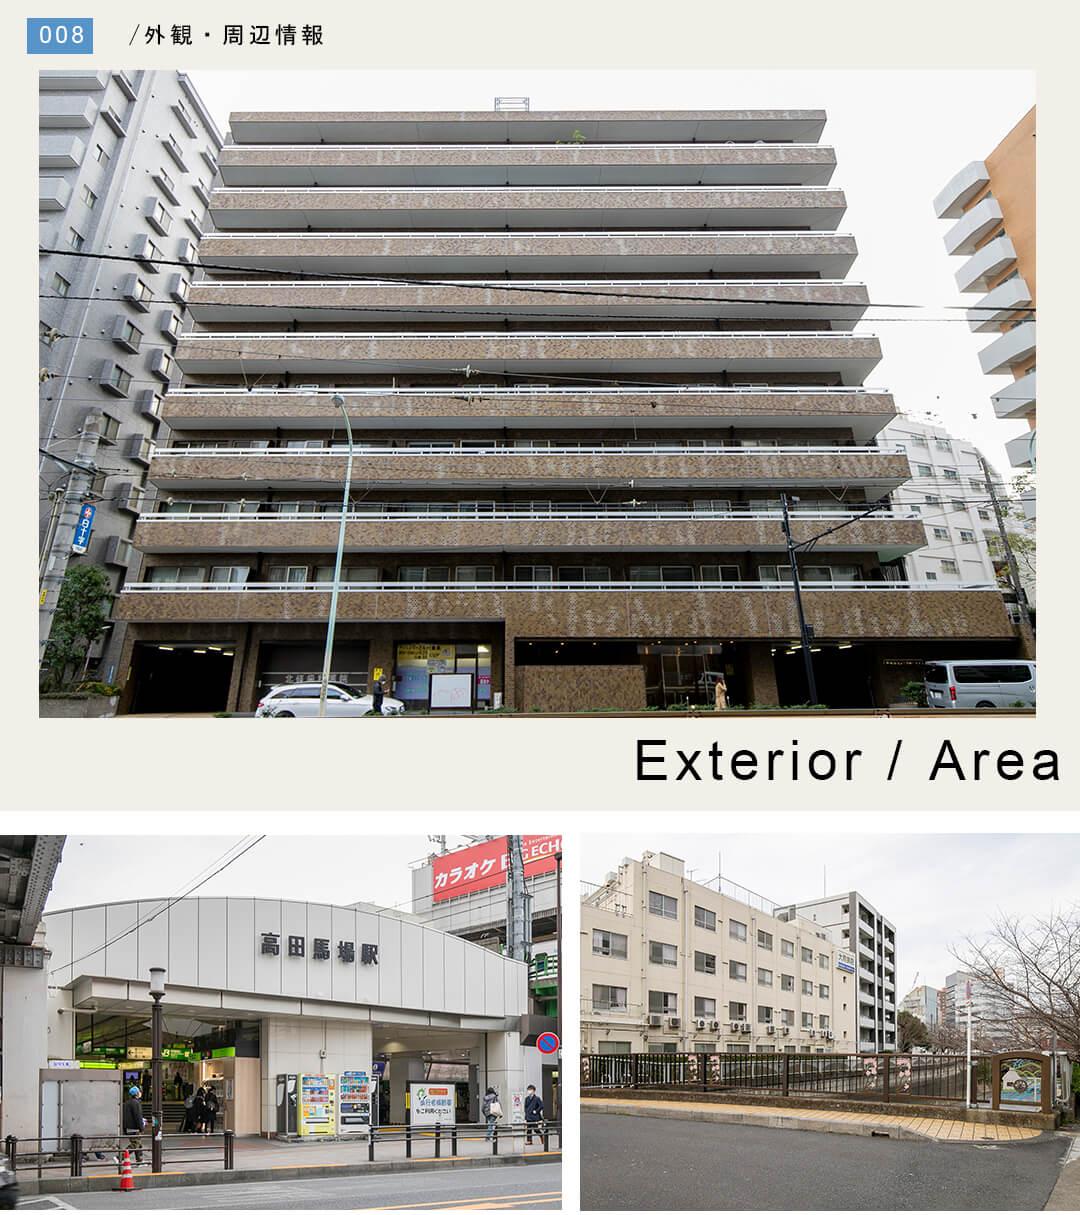 早稲田セントラルハイツの外観と周辺情報